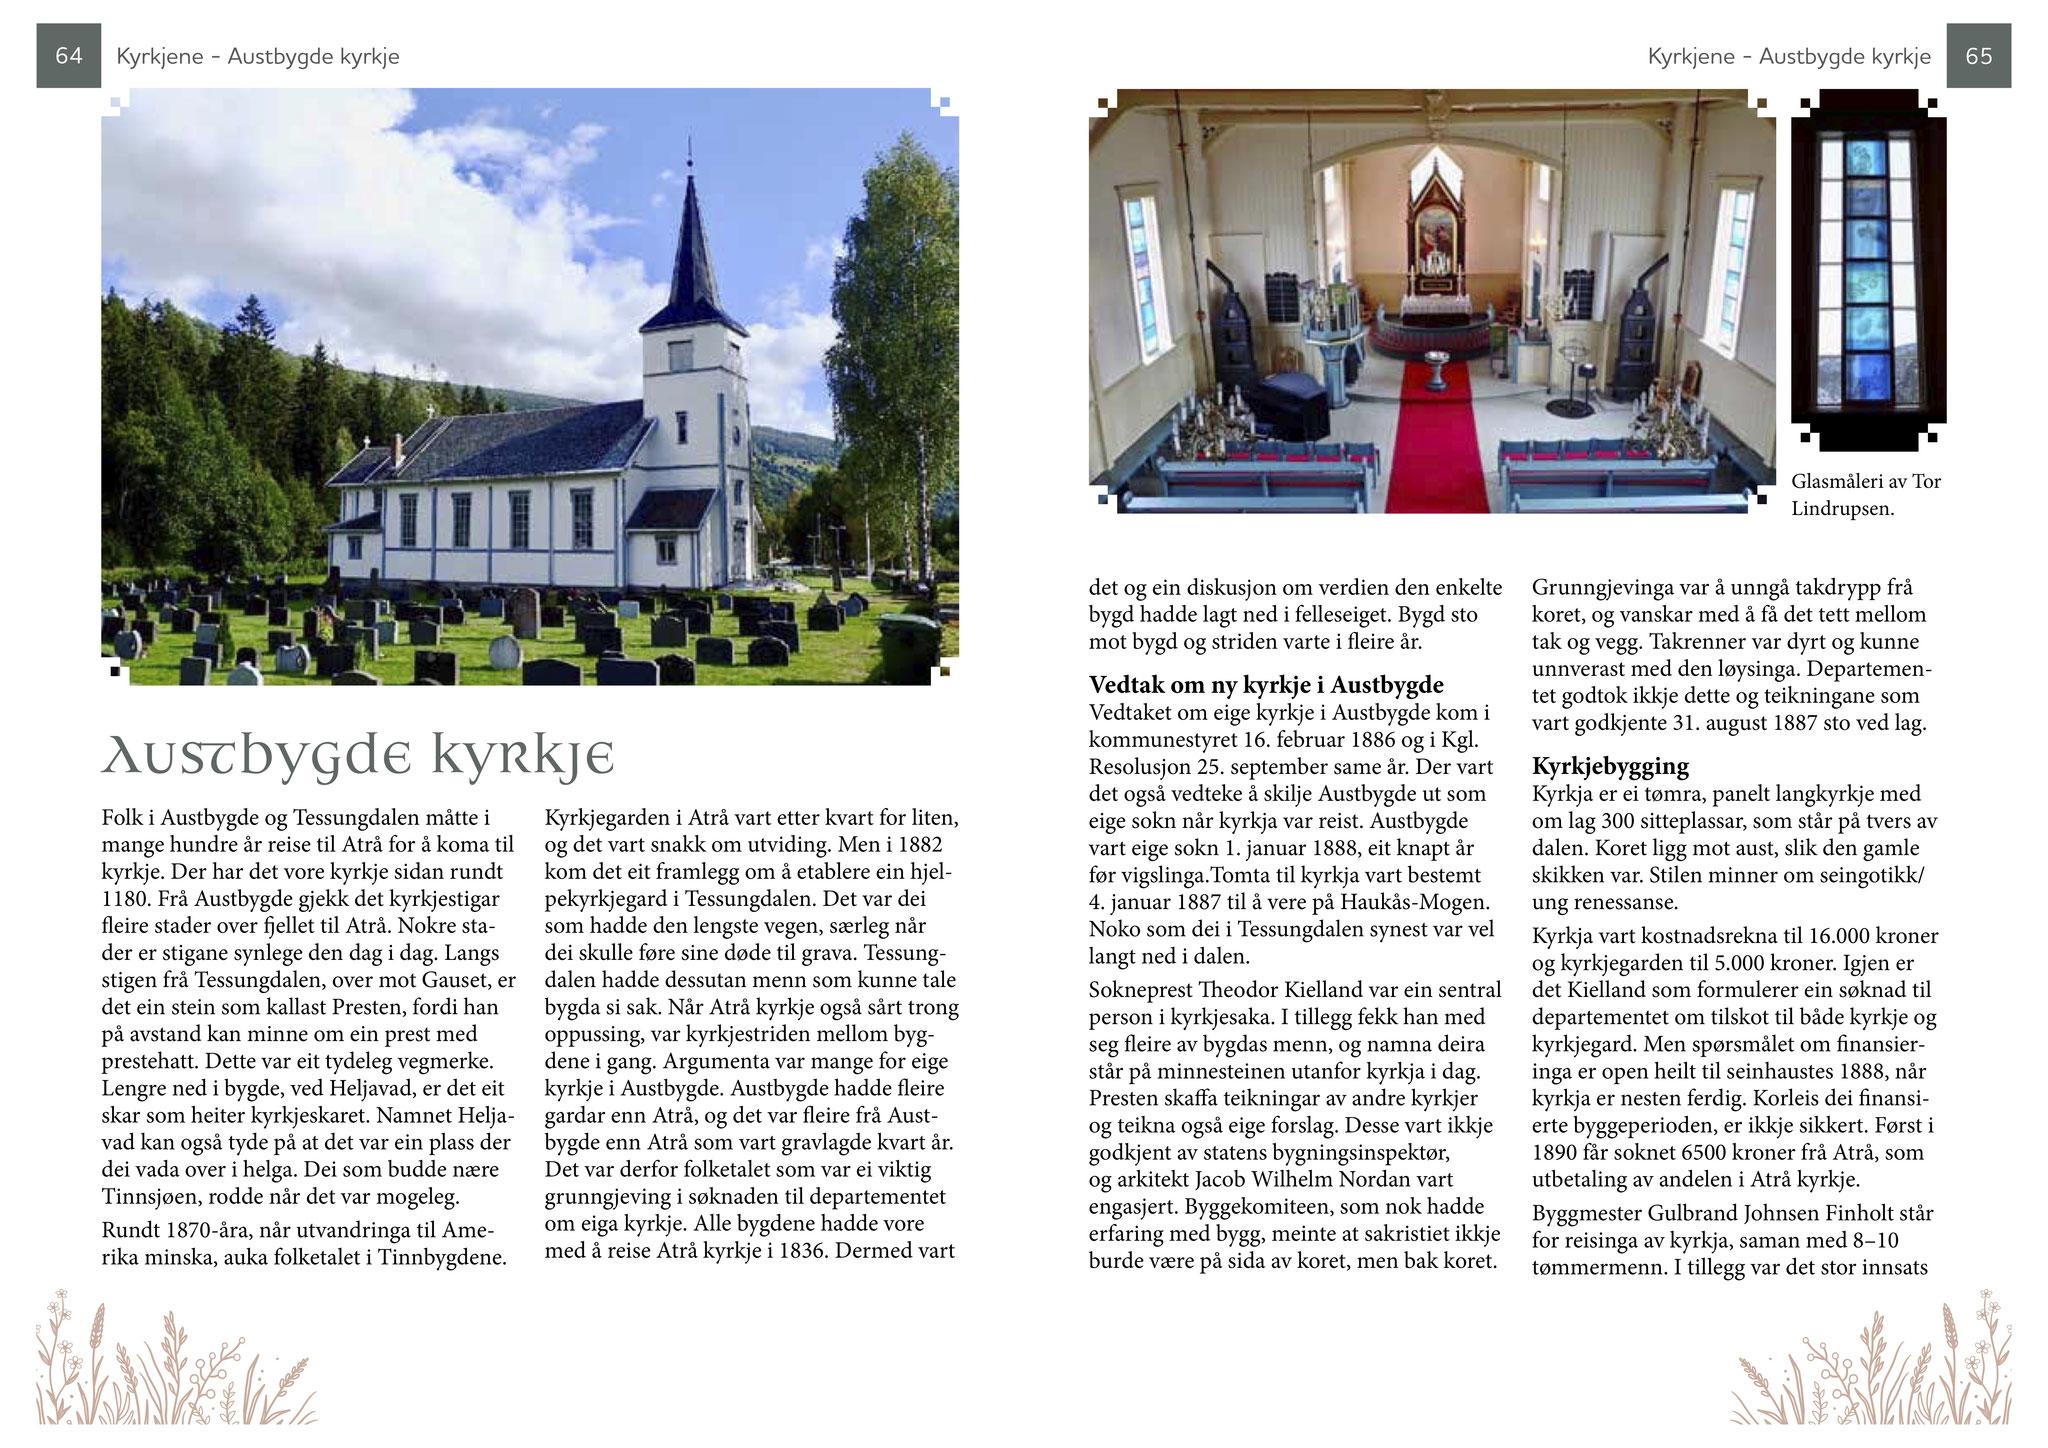 Guideboken kvitekyrkjer rundt Tinnsjøen - om Austbygde kyrkje